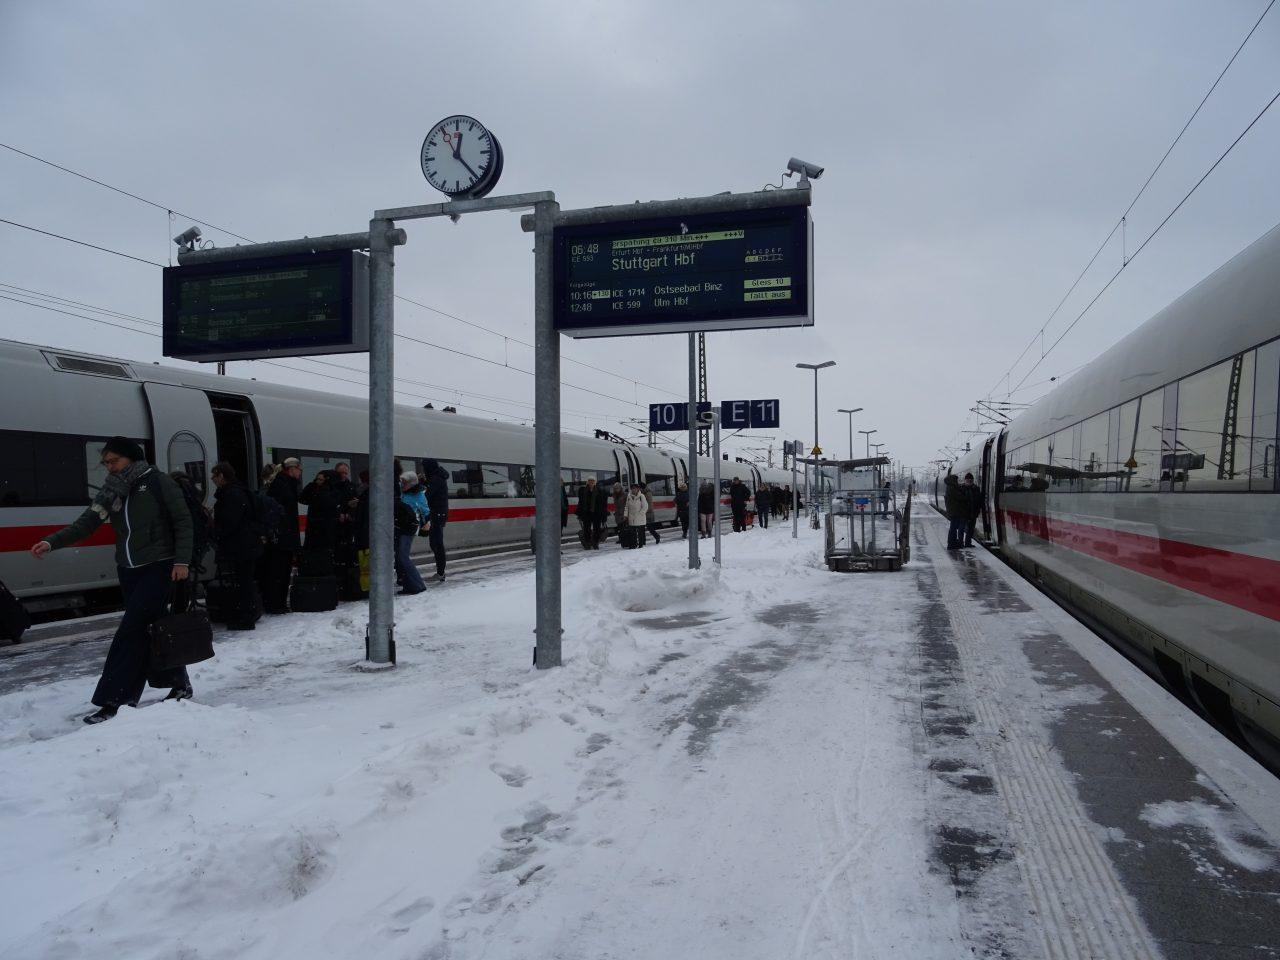 Der Bahnsteig ist voller Schnee.